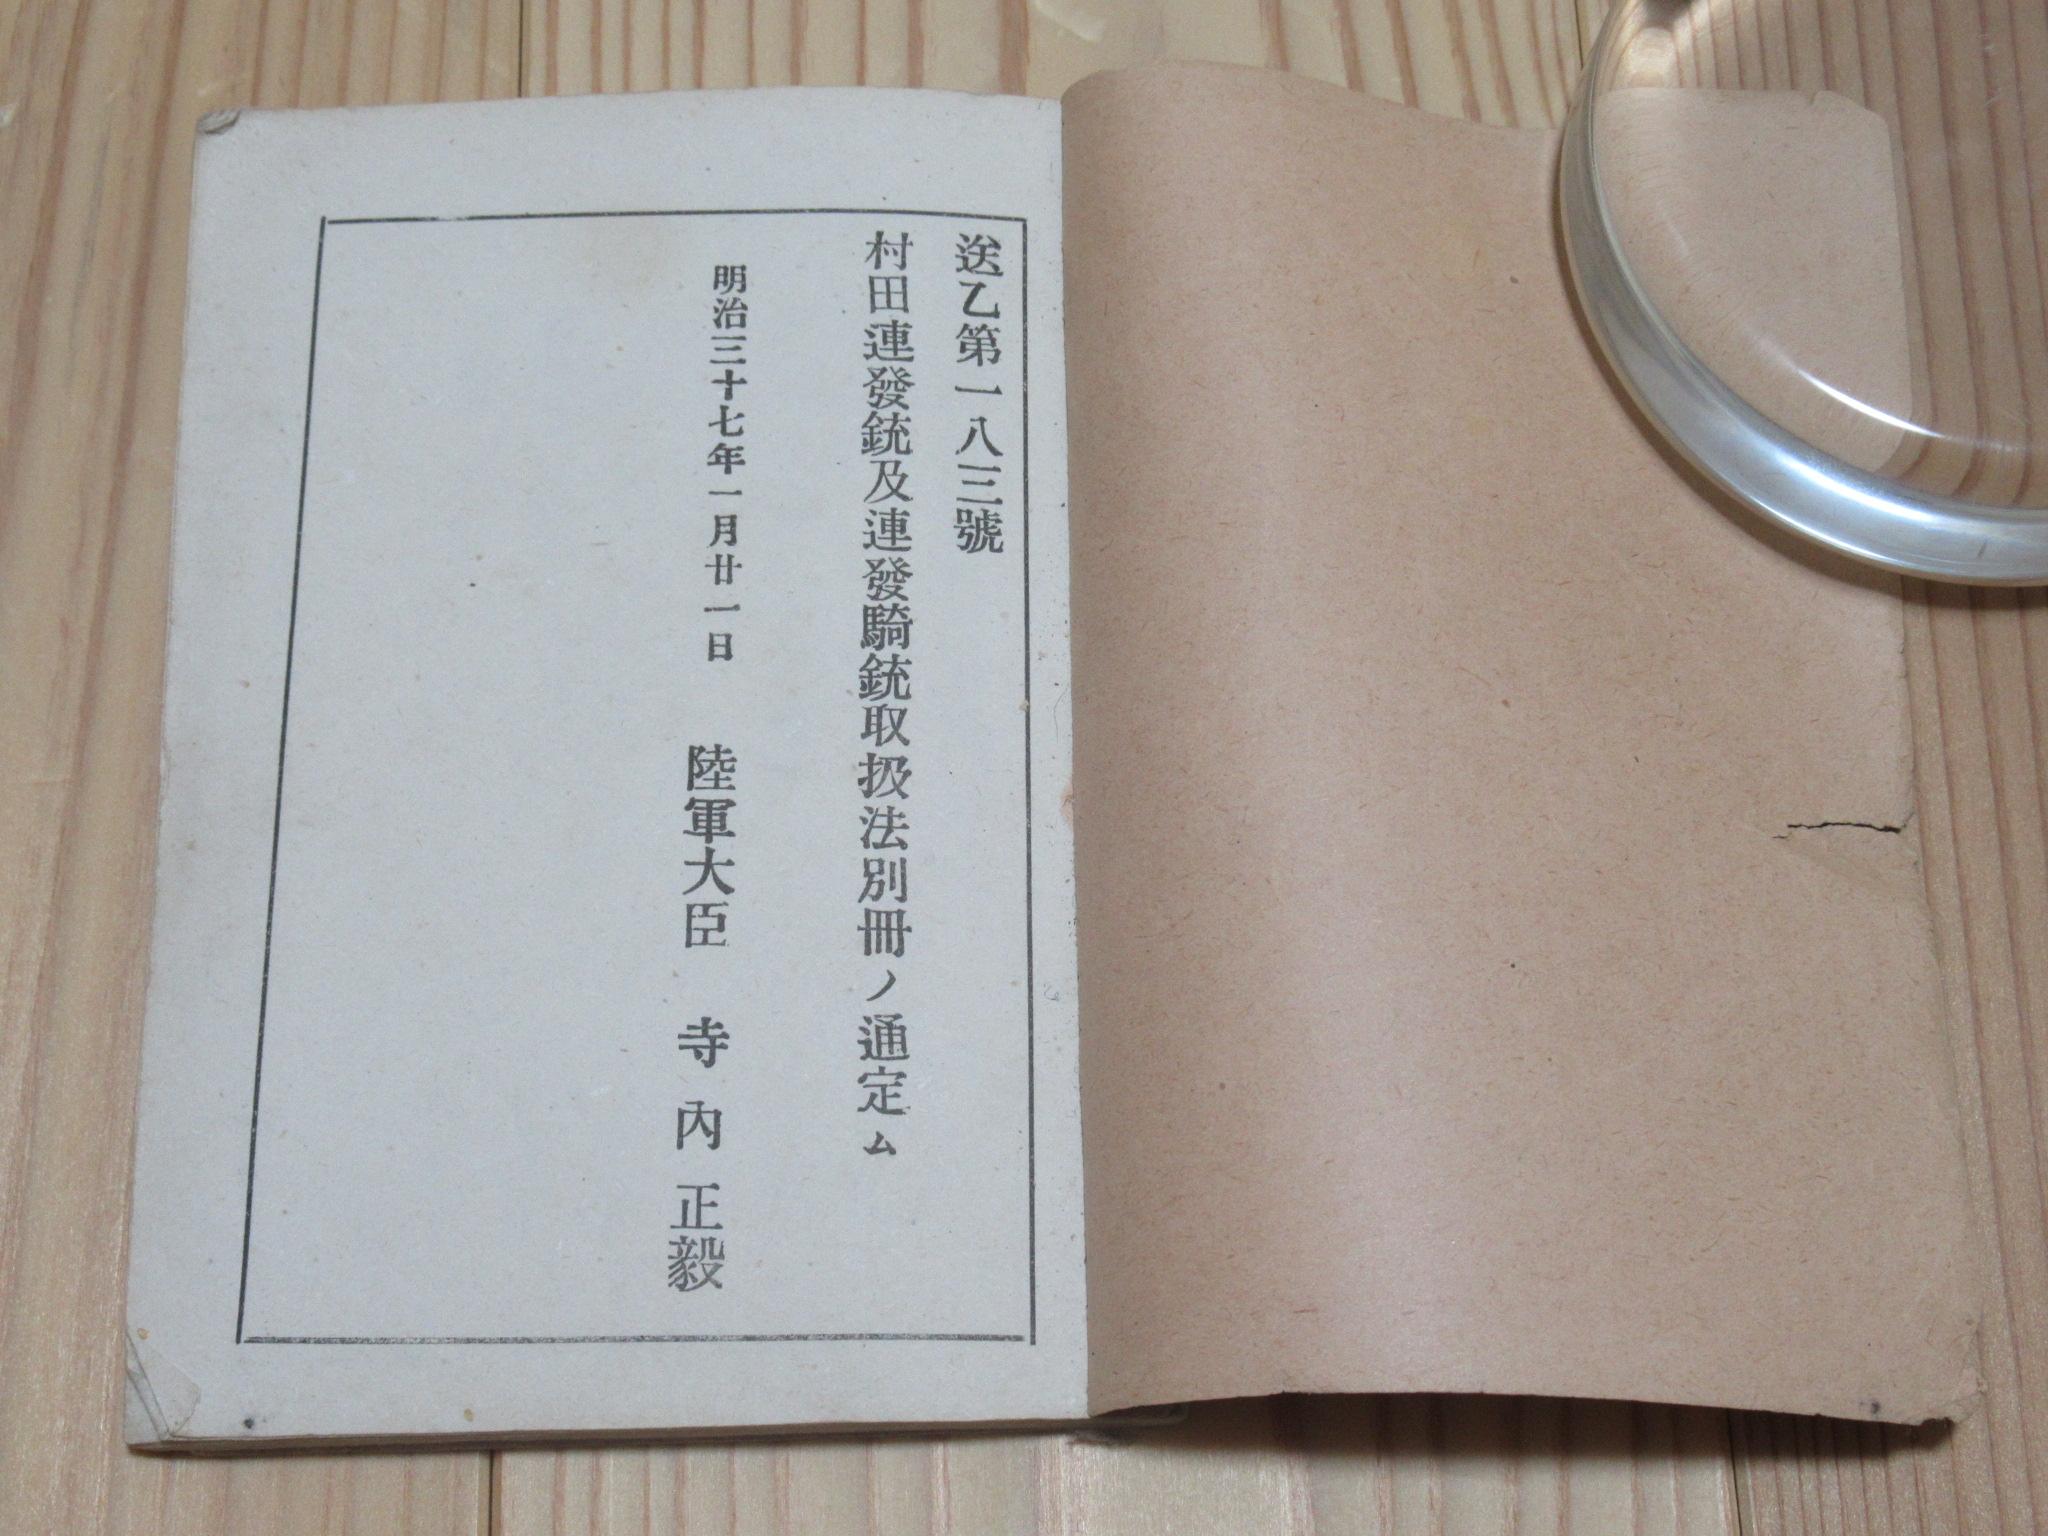 村田連発銃及連発騎銃取扱法 Murata Type 22 Rifle